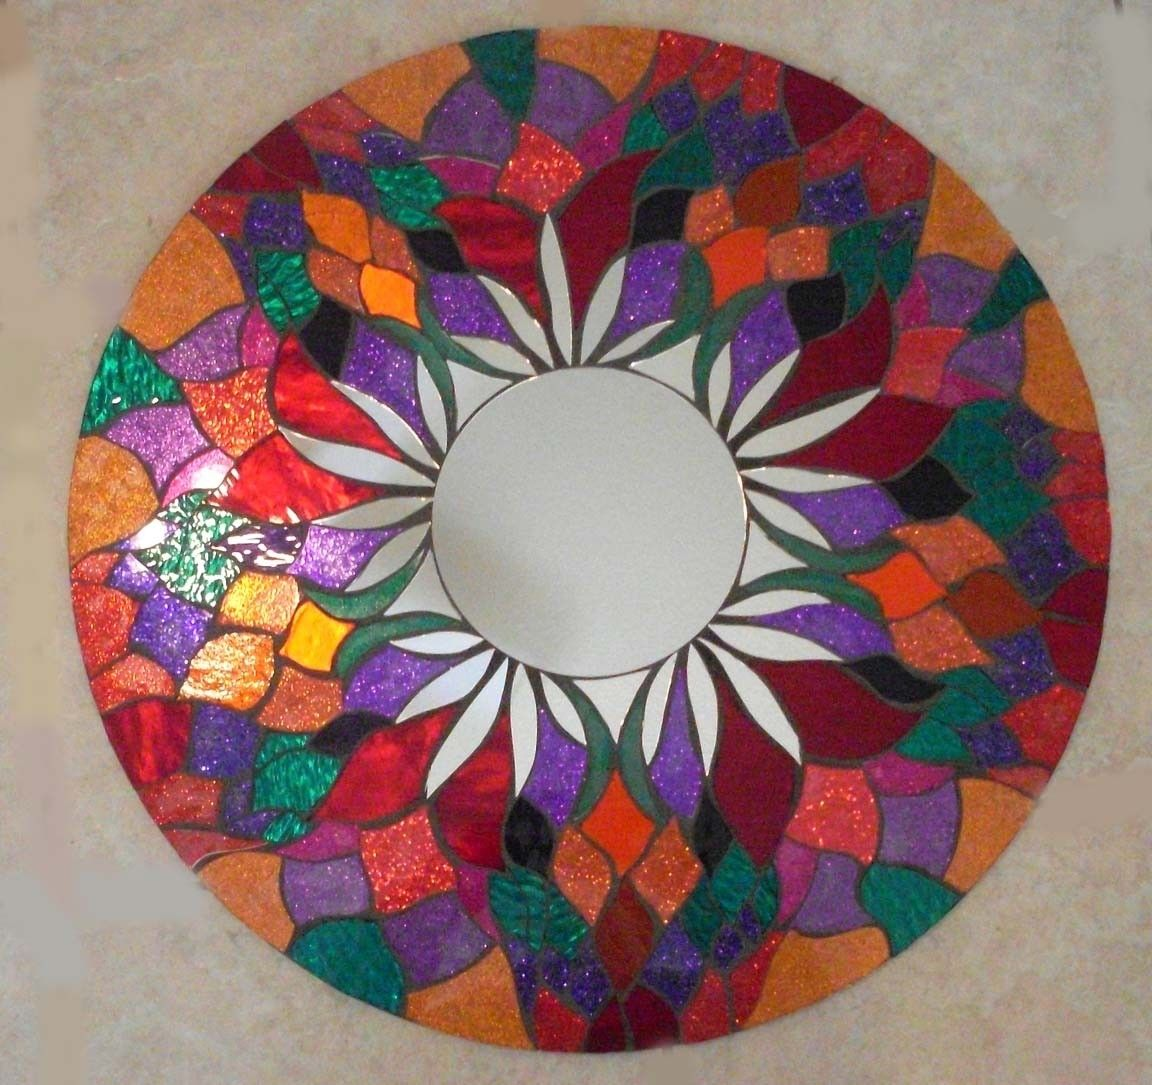 Buy Hand Made Mosaic Mirror Red Round Handmade Glitter